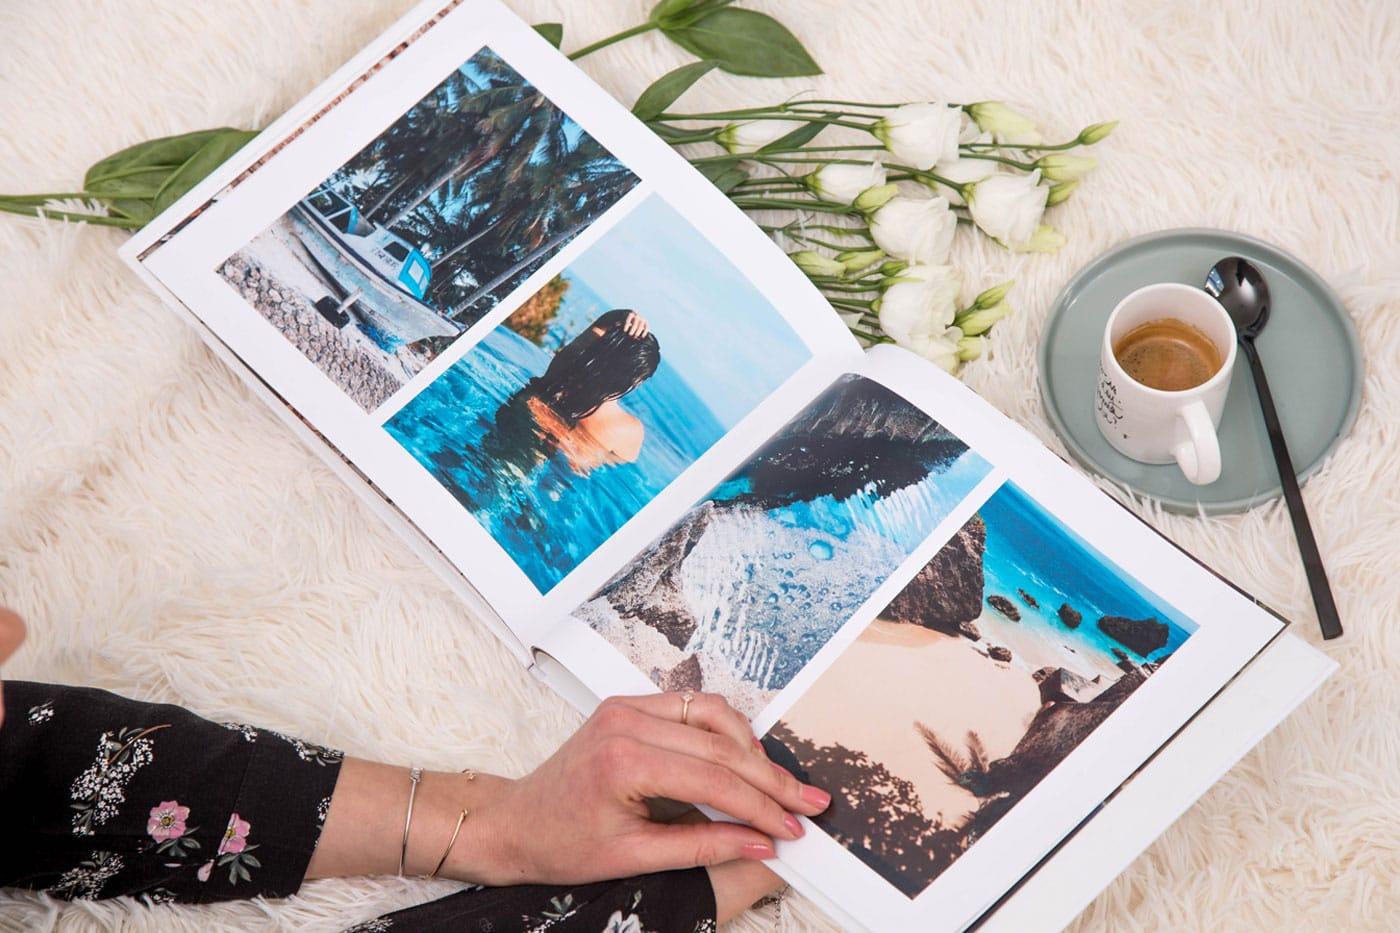 Gute Apps: Fotobuch gestalten mit LALALAB Foto-App // HIMBEER